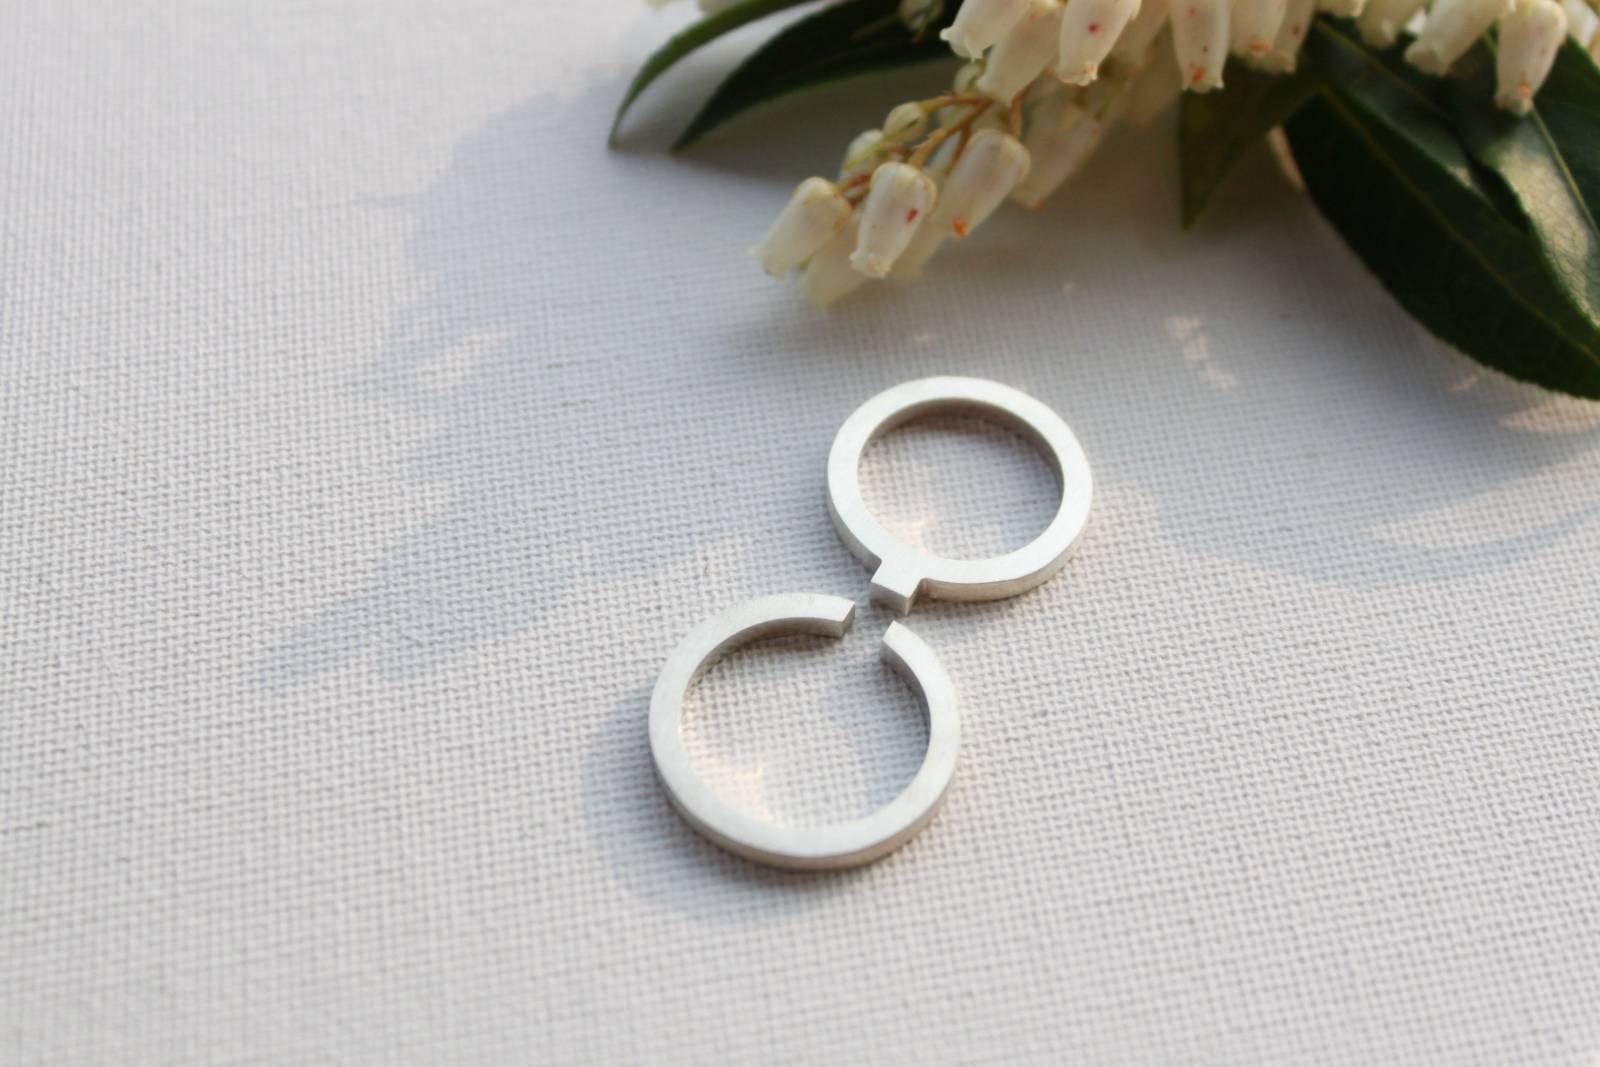 MMAAK - Bruidsjuwelen - Fotograaf Marlies Martens (zelf) - House of Weddings 5